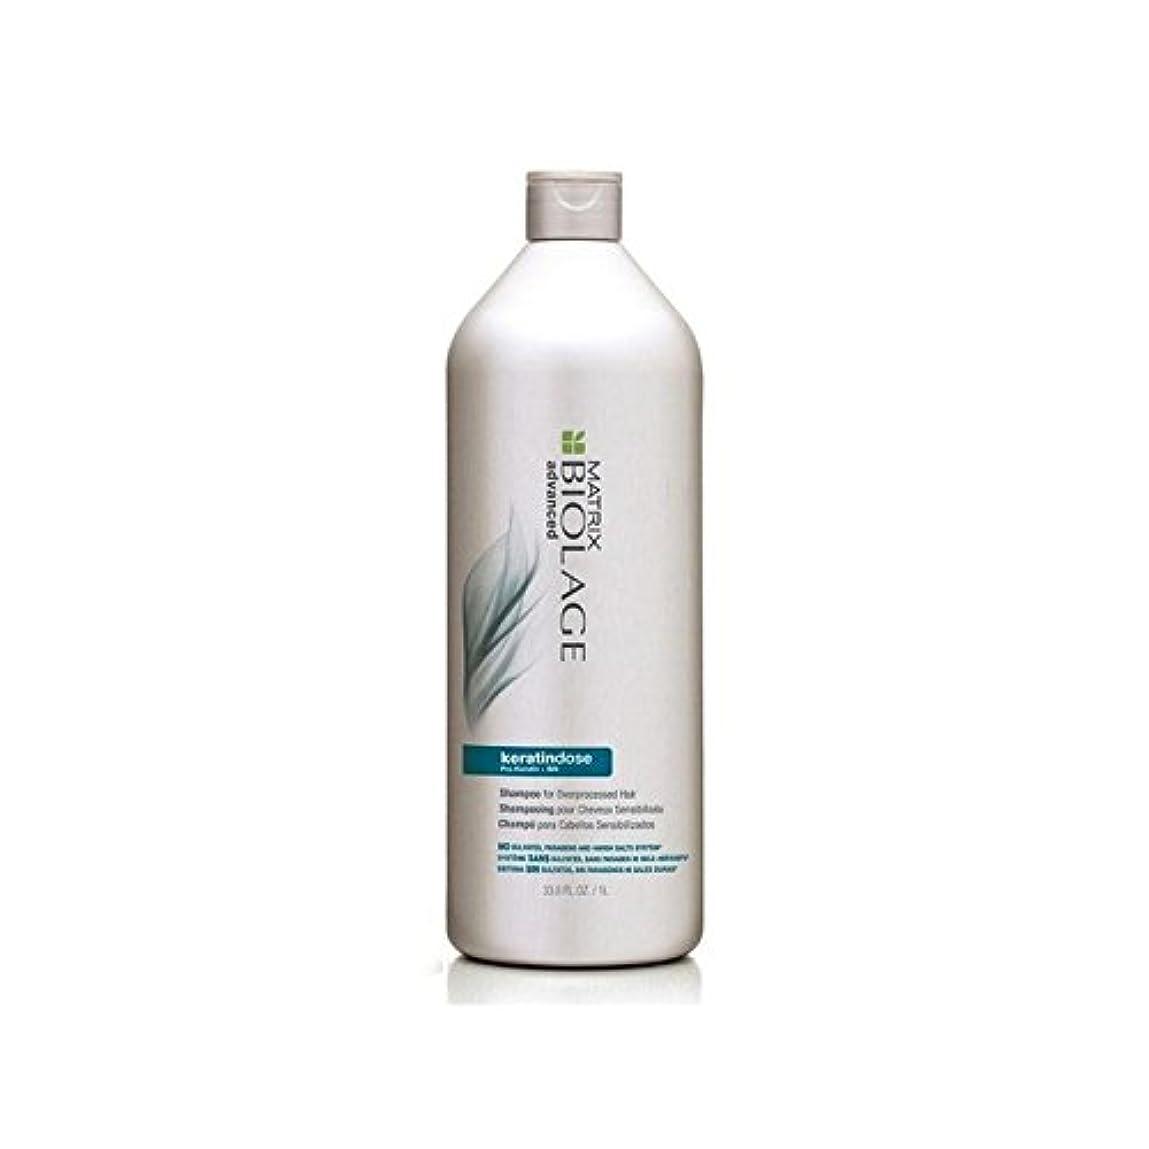 理論的議論する市民マトリックスバイオレイジシャンプー(千ミリリットル) x4 - Matrix Biolage Keratindose Shampoo (1000ml) (Pack of 4) [並行輸入品]